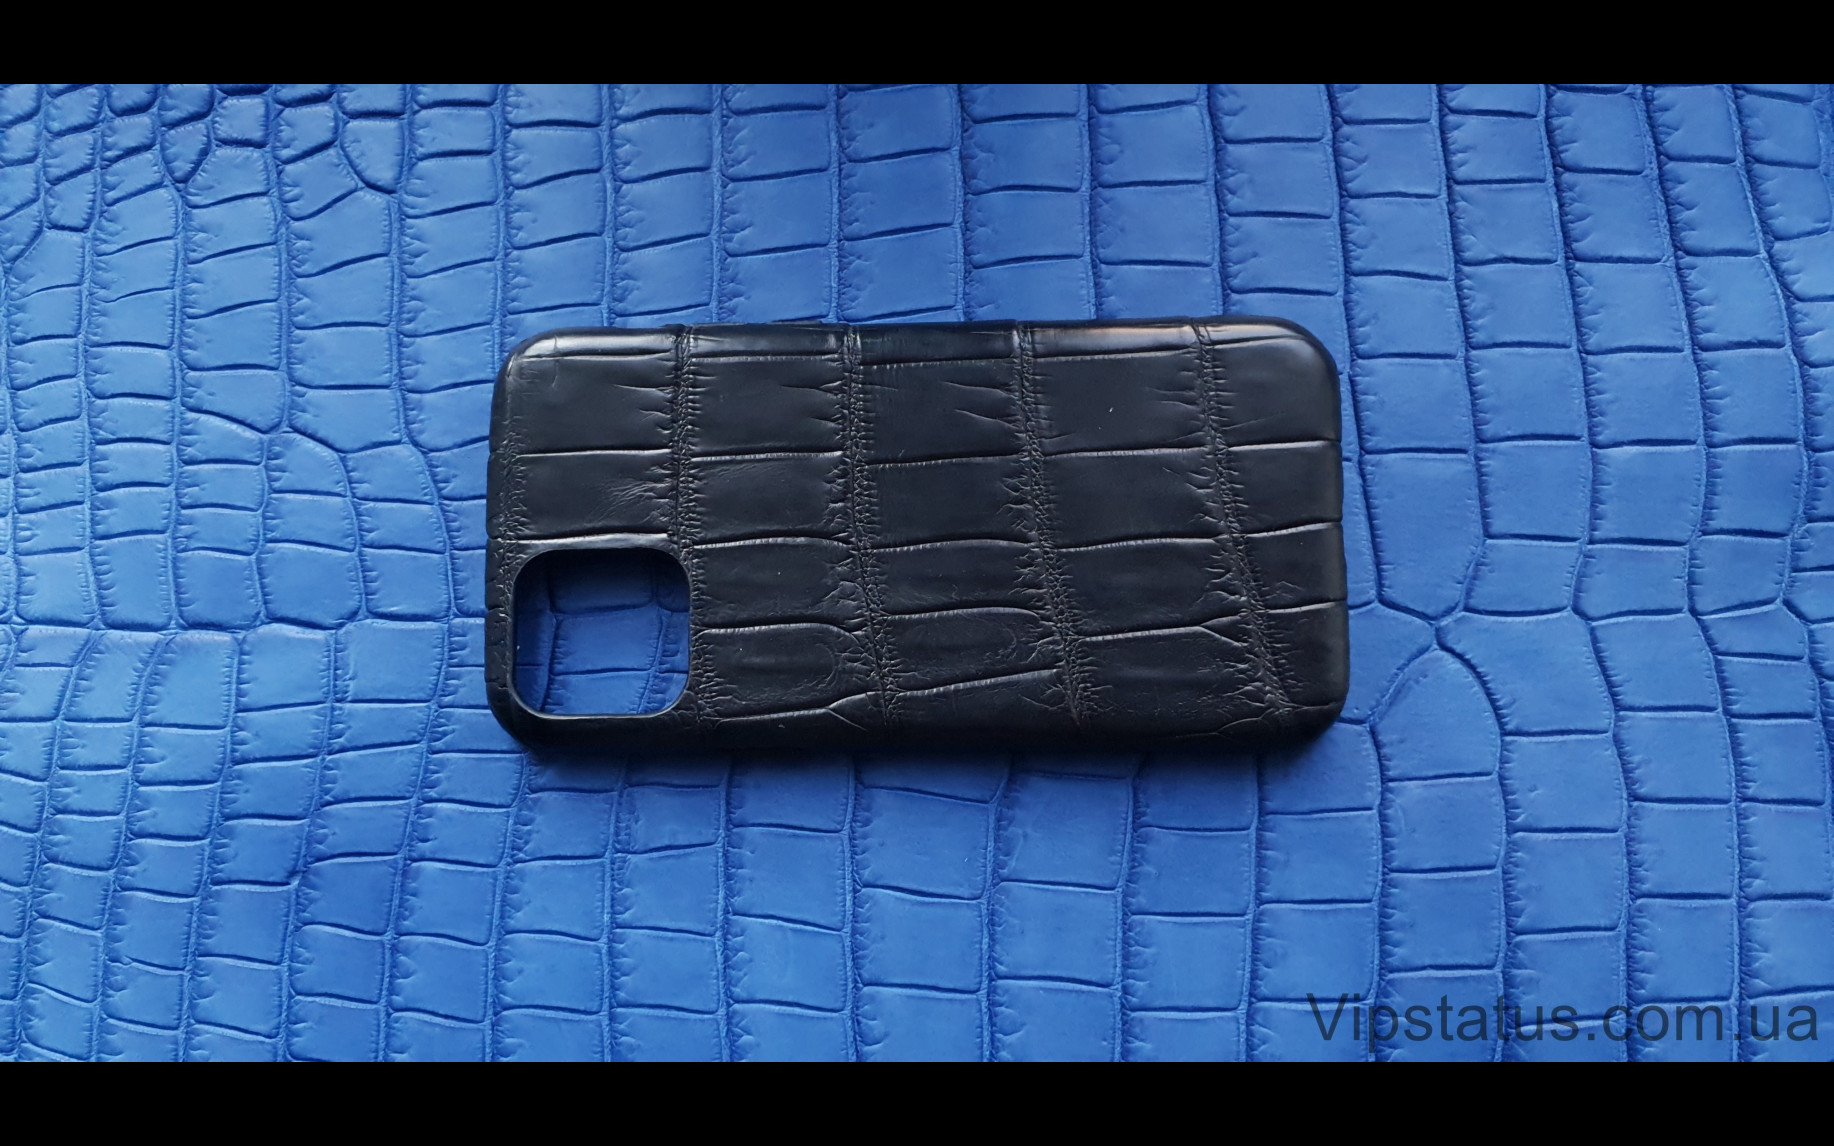 Элитный Black Lord Эксклюзивный чехол IPhone 11 Pro кожа крокодила Black Lord Эксклюзивный чехол IPhone 11 Pro кожа крокодила изображение 4